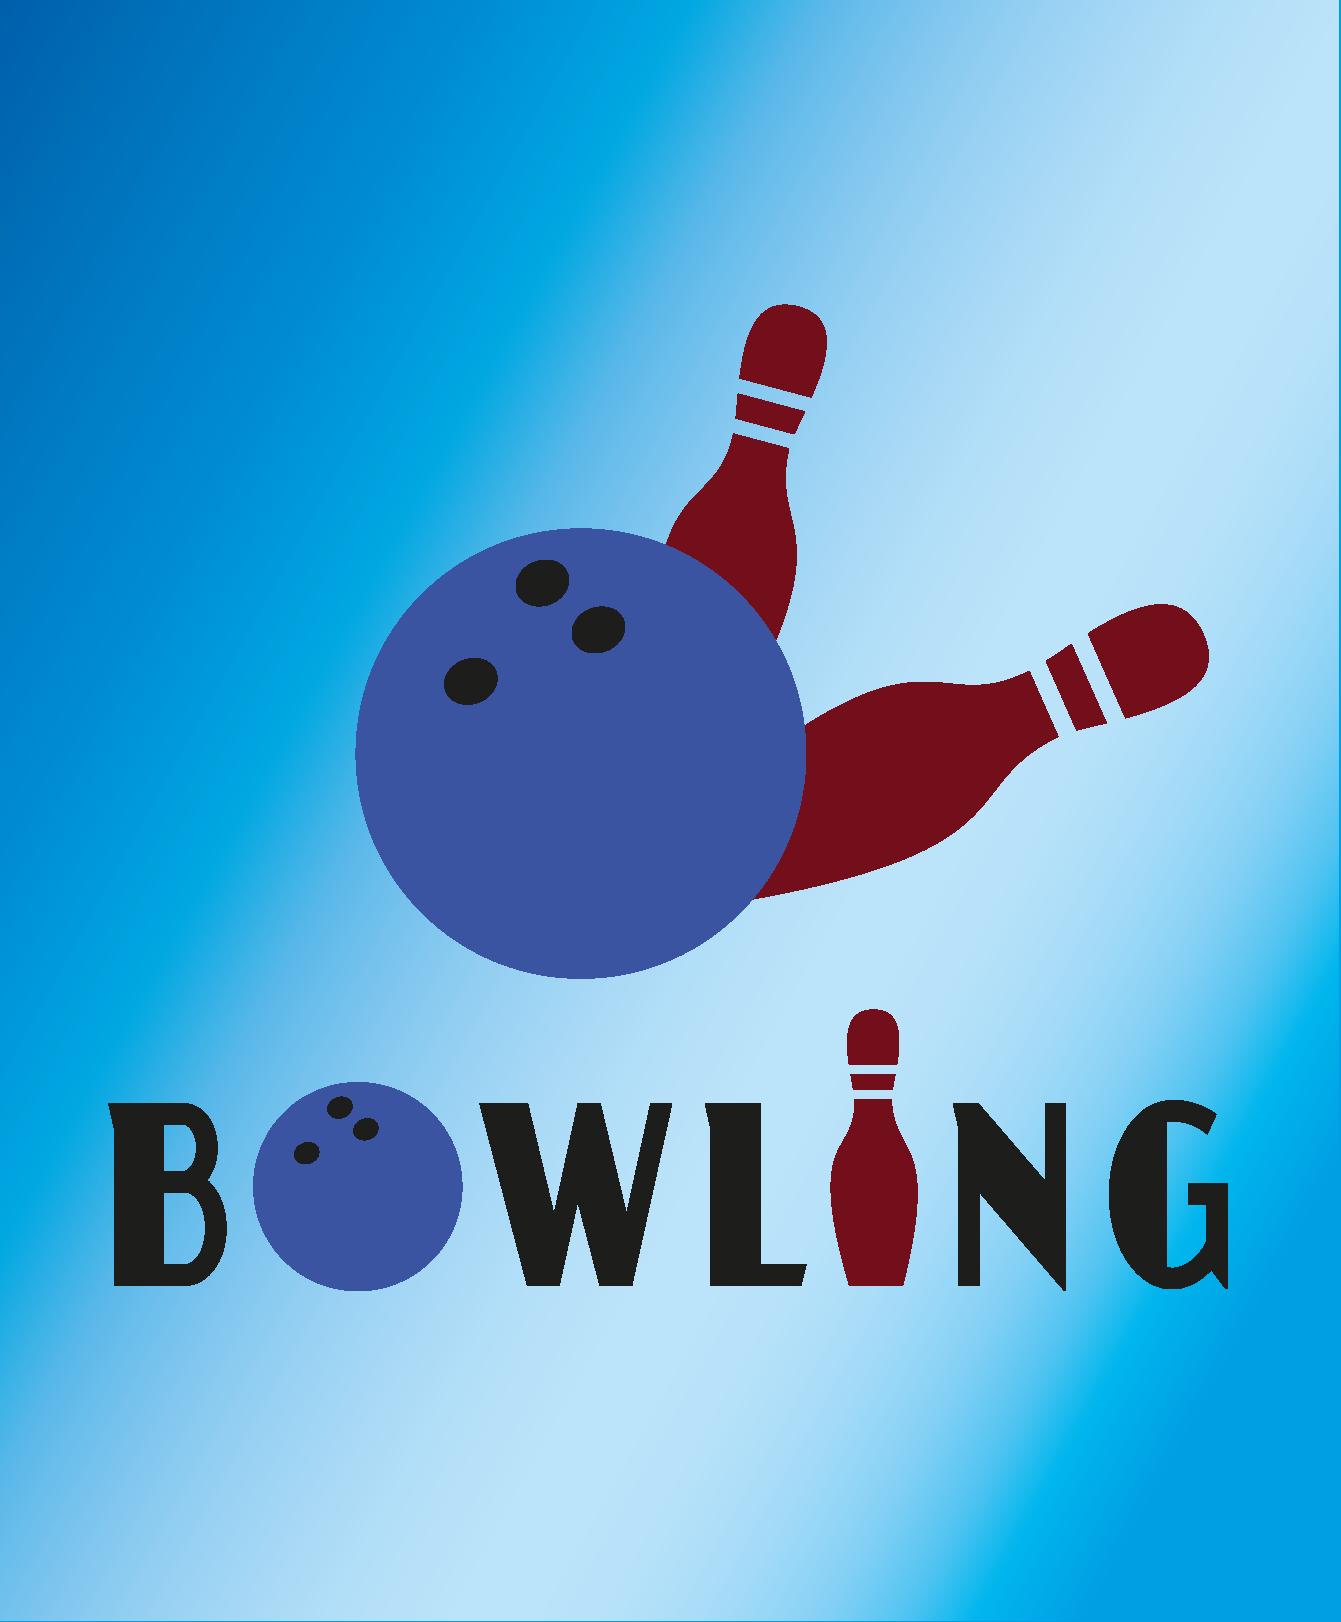 Ex Bowling Český Krumlov